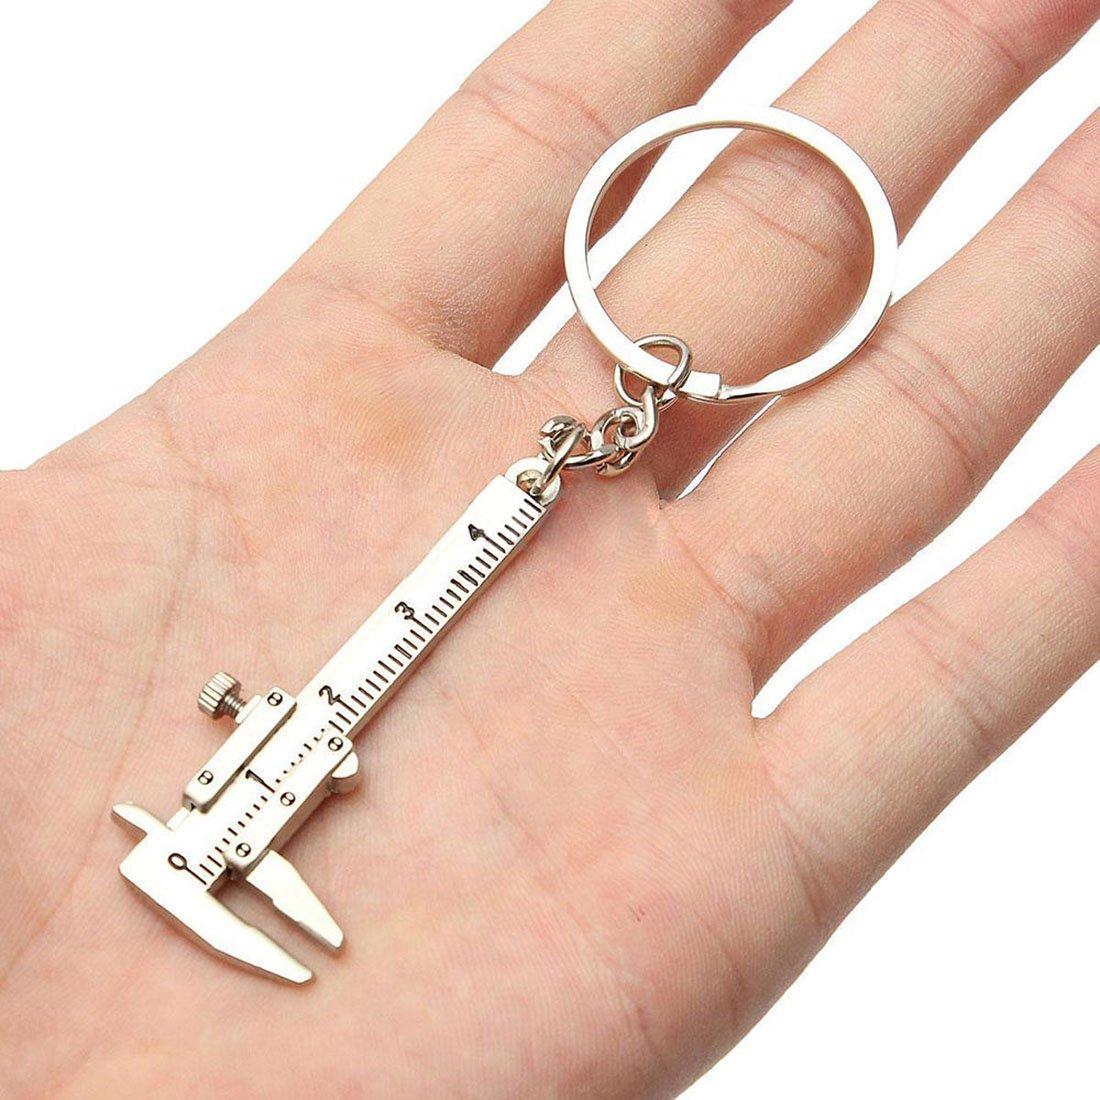 Nrpfell Useful Mini Vernier Caliper Tool Pendant Slider Slides Keyring Key Chain 10CM by Nrpfell (Image #3)